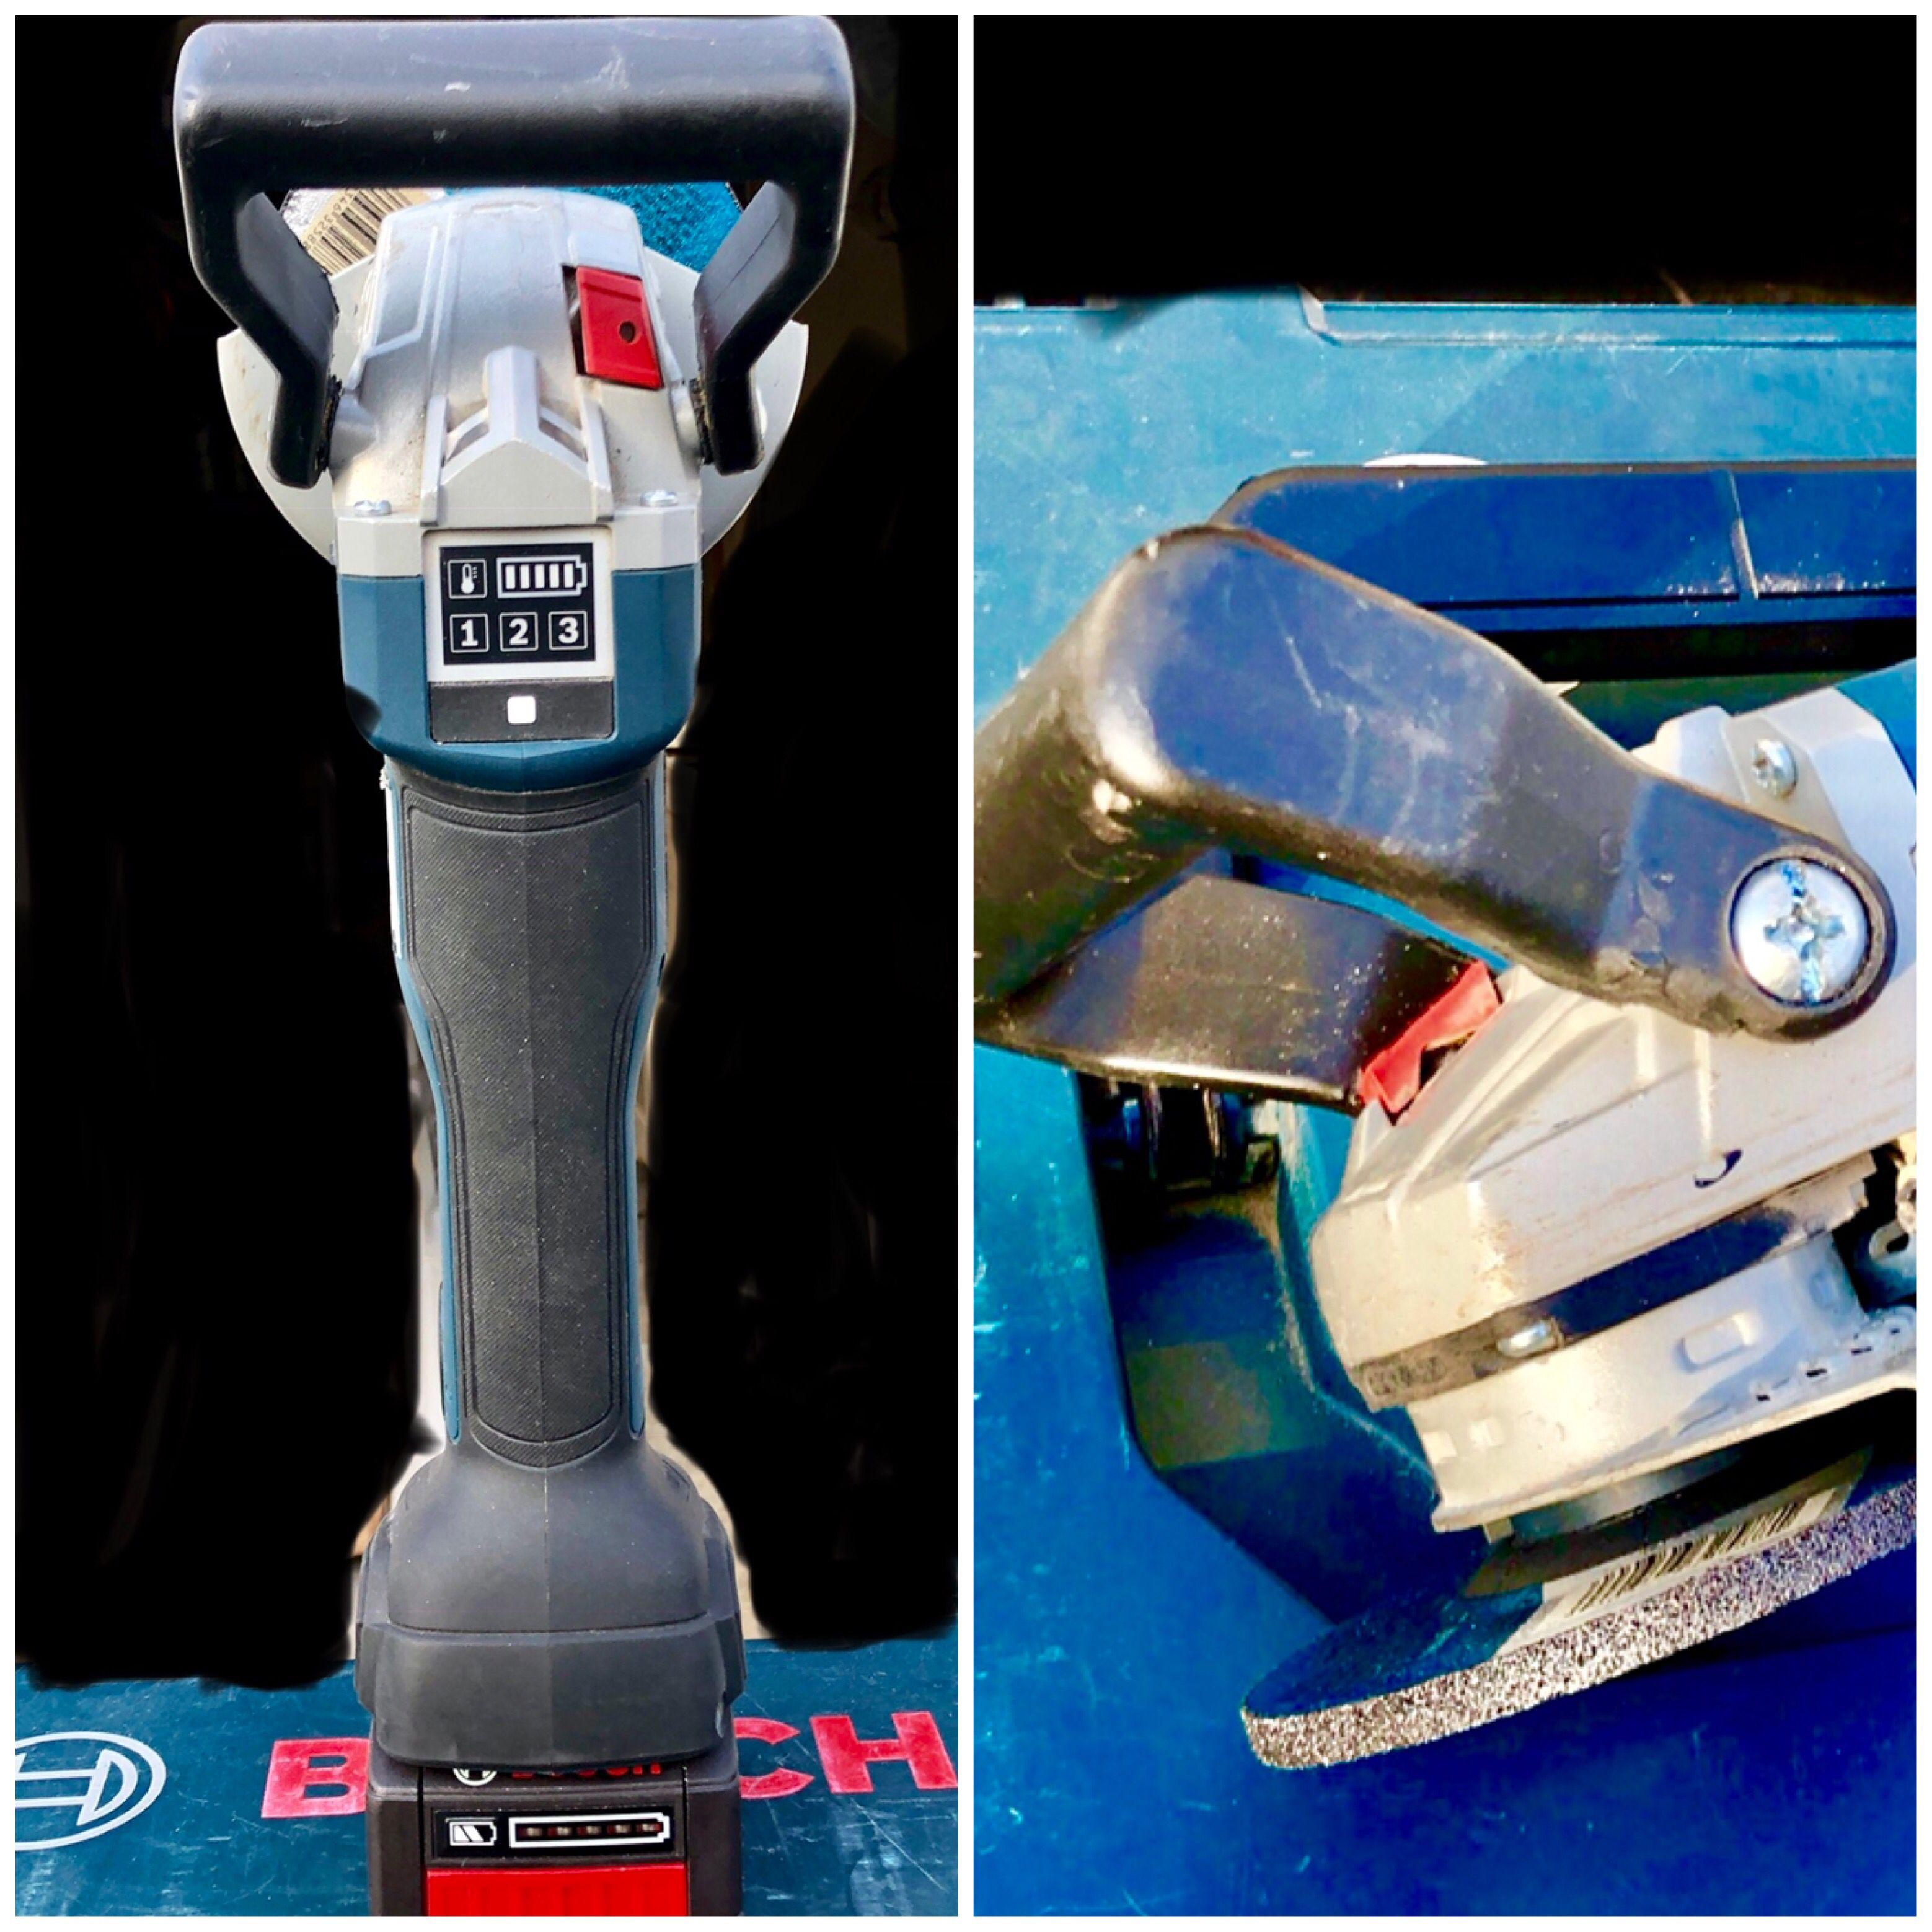 Bosch 18v Angle Grinder Bosch Tools Angle Grinder Bosch